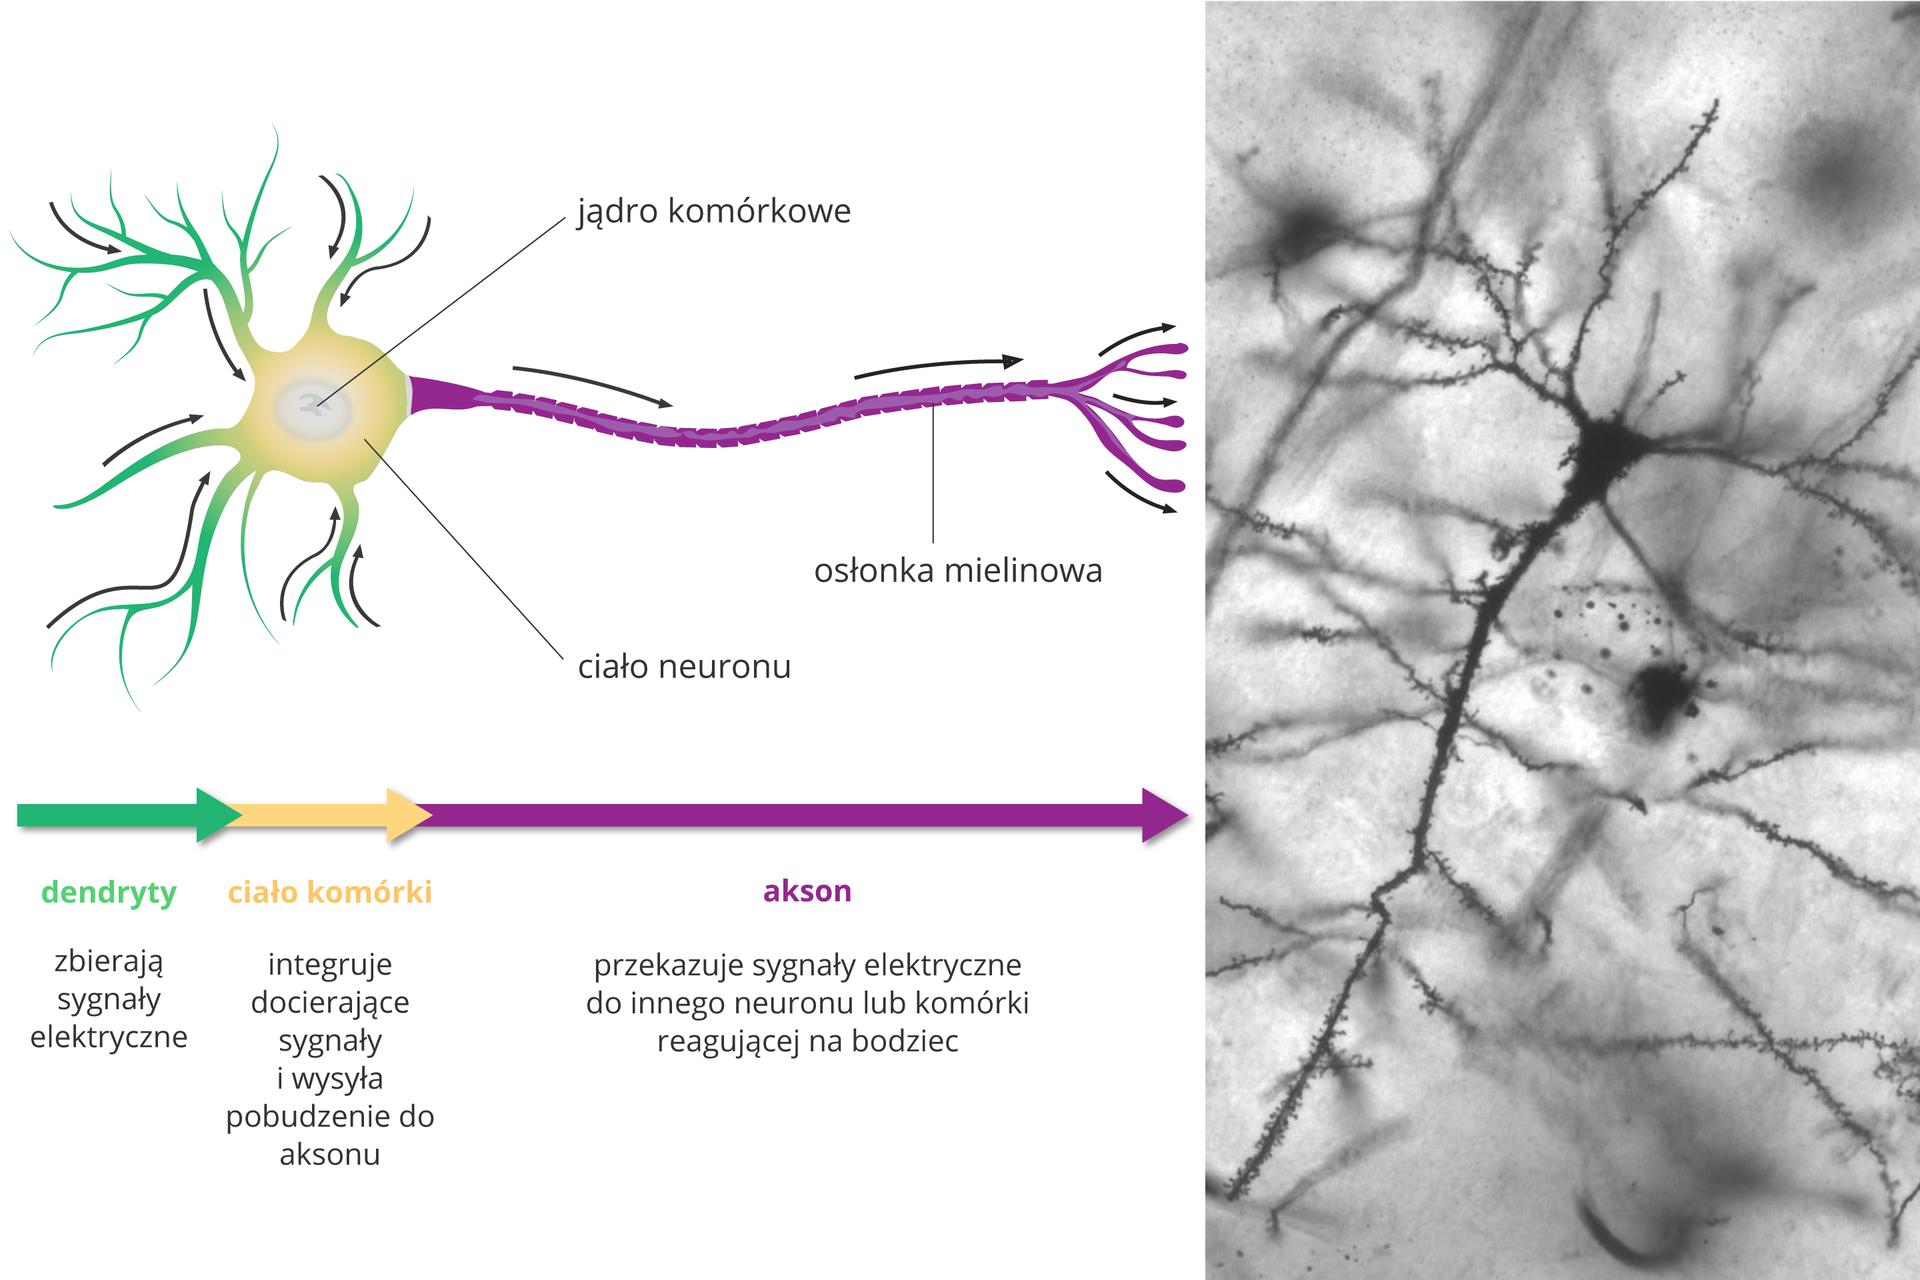 Ilustracja składa się zrysunku komórki nerwowej, schematu jej działania oraz fotografii zmikroskopu elektronowego. Neuron wygląda jak drzewko, leżące poziomo. Zlewej krótkie zielone wypustki to dendryty. Strzałki wskazują, że zbierają sygnały elektryczne iprowadzą je do żółtego ciała komórki. Jej zadaniem jest integracja sygnałów ipobudzenie fioletowego aksonu. Akson przekazuje sygnały elektryczne do innego neuronu lub komórki, reagującej na bodziec. Akson ma na zewnątrz przerywaną osłonkę mielinową. Fotografia przedstawia pojedynczą, czarną komórką nerwową na tle innych, nieostrych.